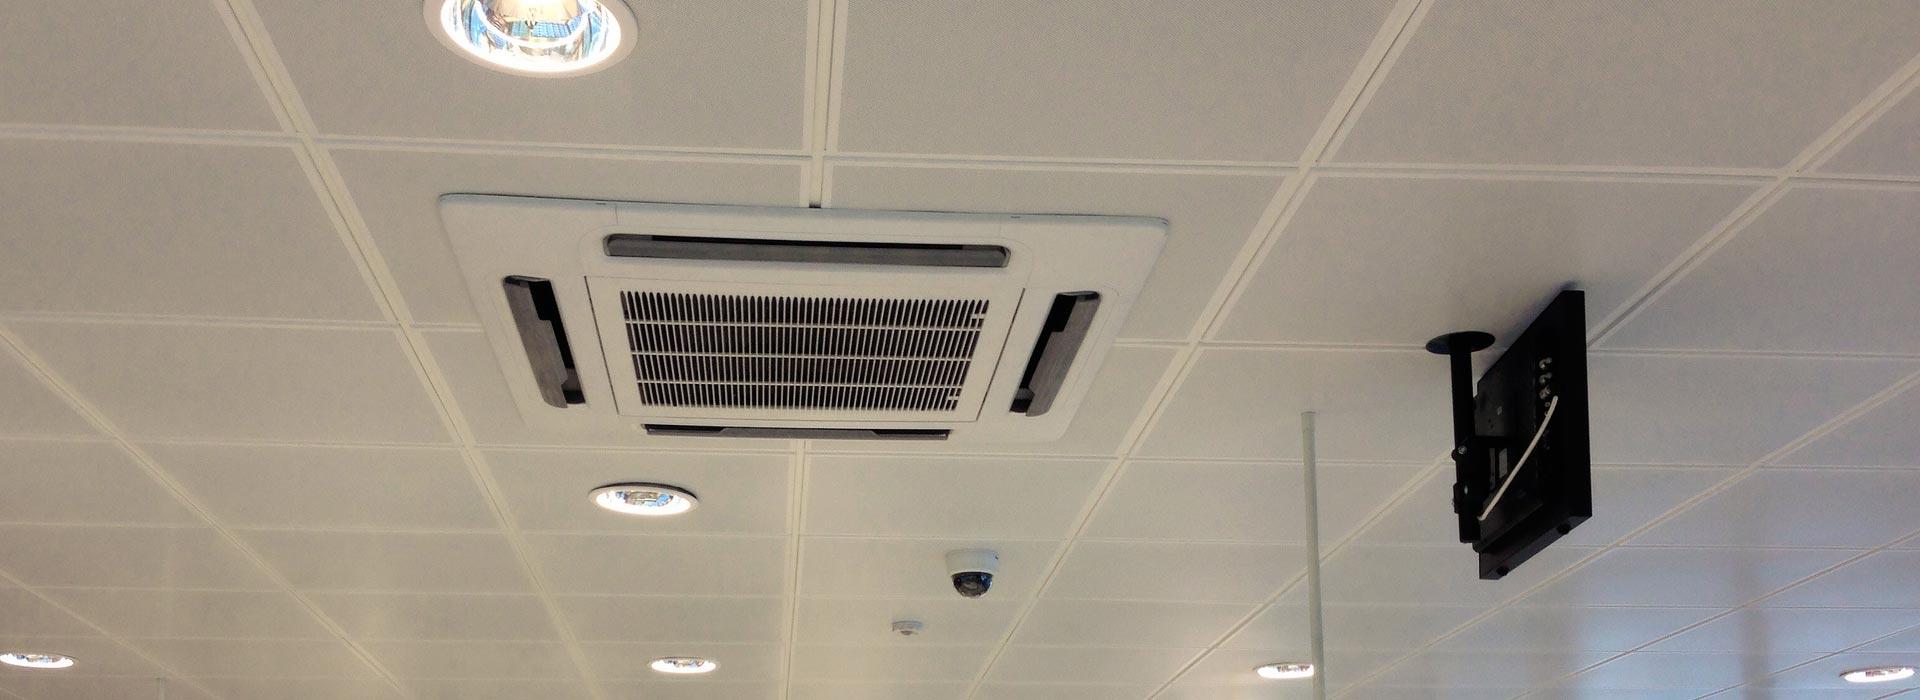 Manutenção e Instalação de sistemas de ar condicionado